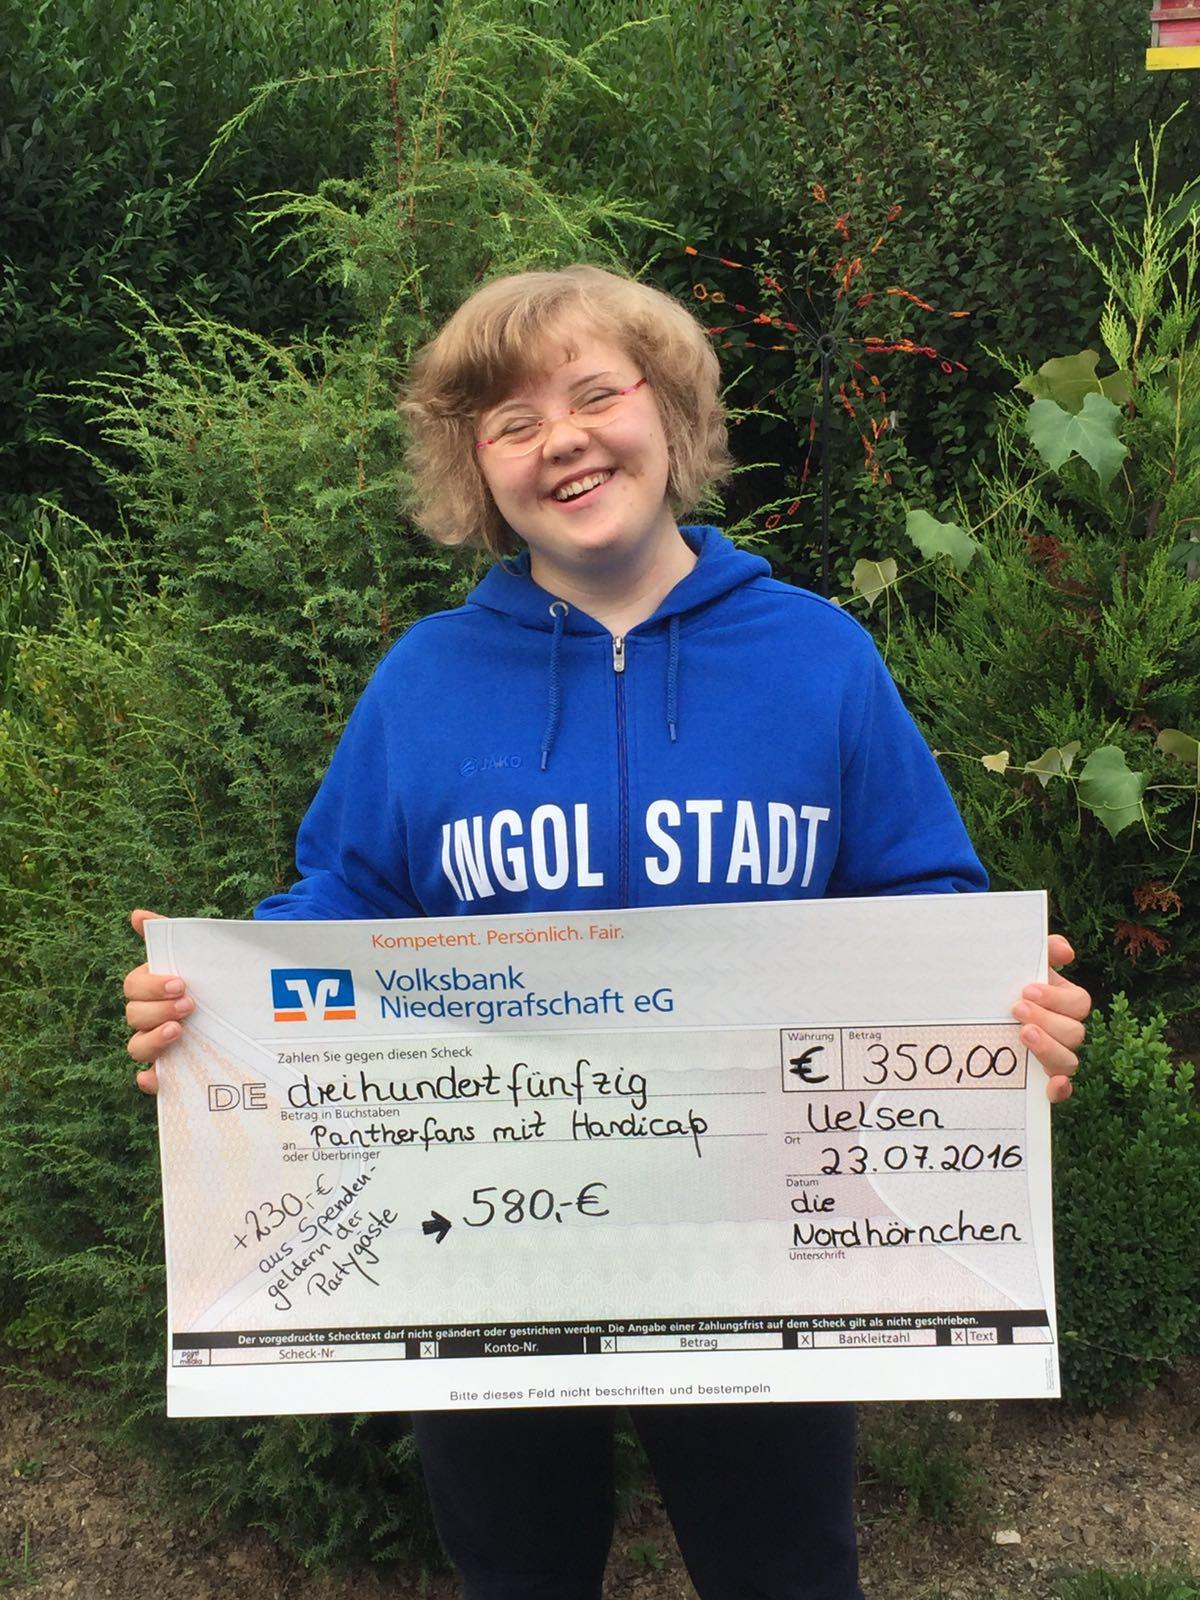 Fünf Jahre Nordhörnchen – 580 € Spende für Pantherfans mit Handicap